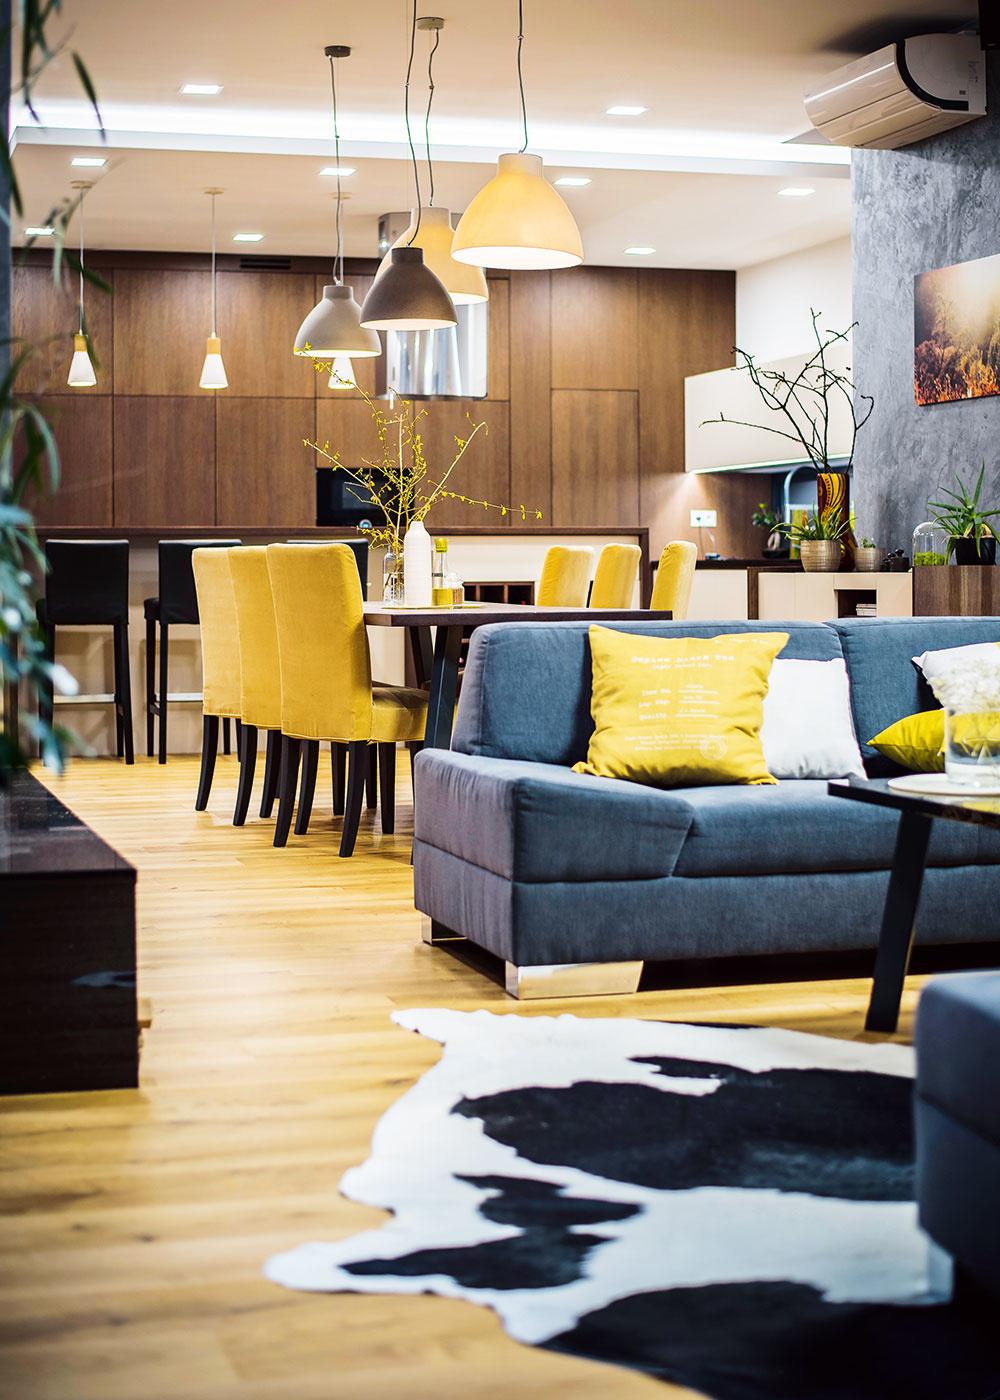 otvorený priestor s kuchyňou, jedálňou a obývačkou